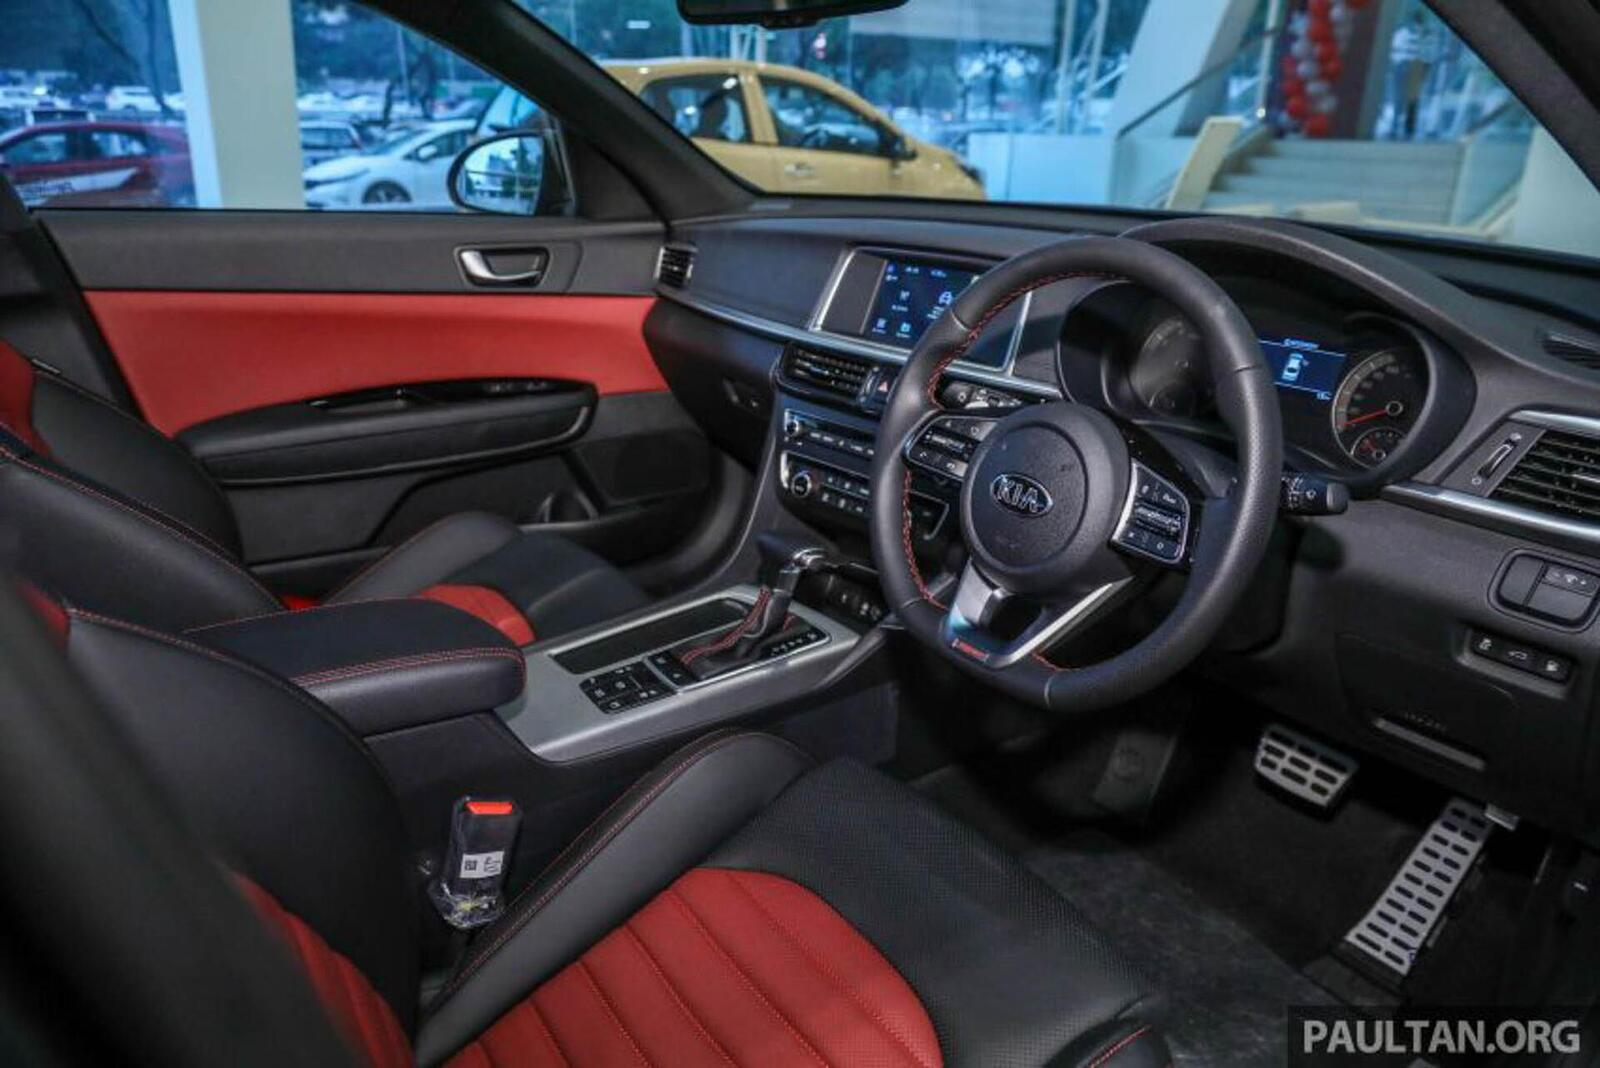 Kia Optima phiên bản nâng cấp facelift mới nhất đã có mặt tại Việt Nam - Hình 17